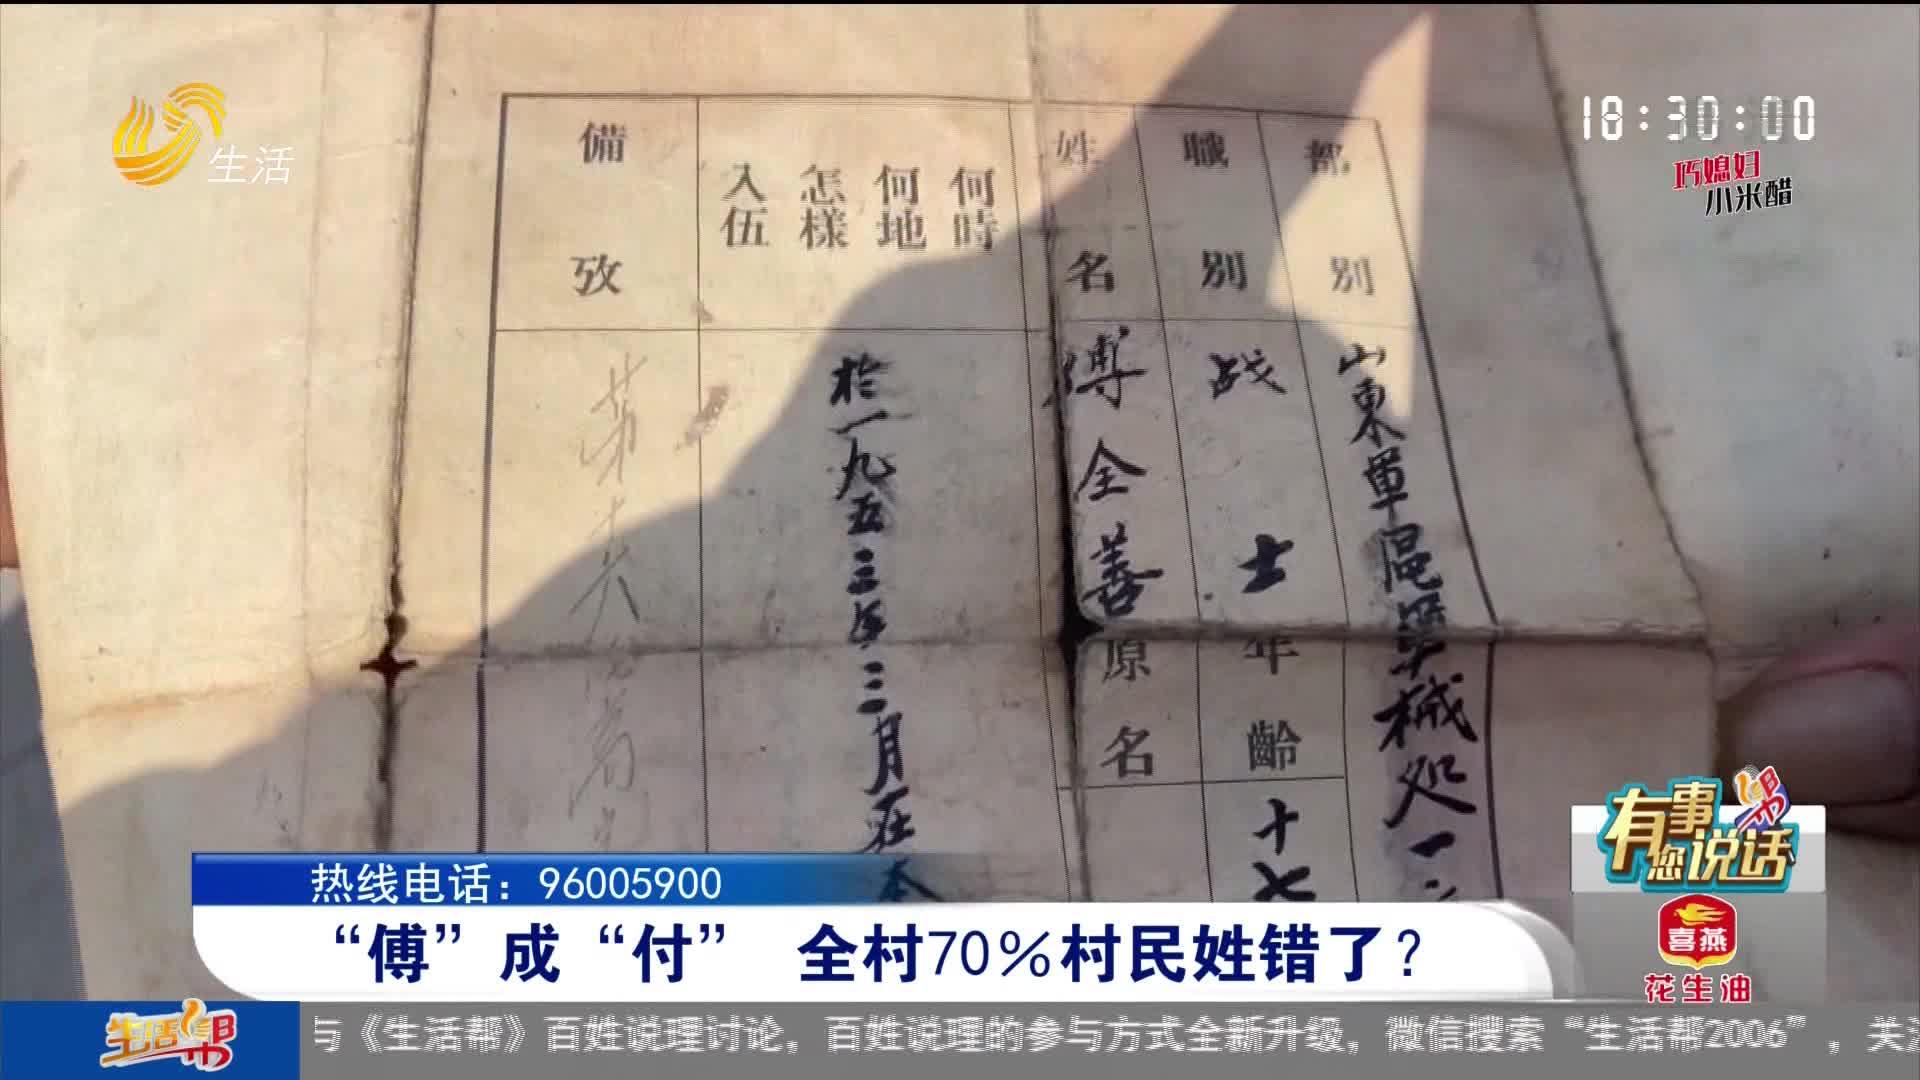 """【有事您说话】""""傅""""成""""付"""" 全村70%村民姓错了?"""